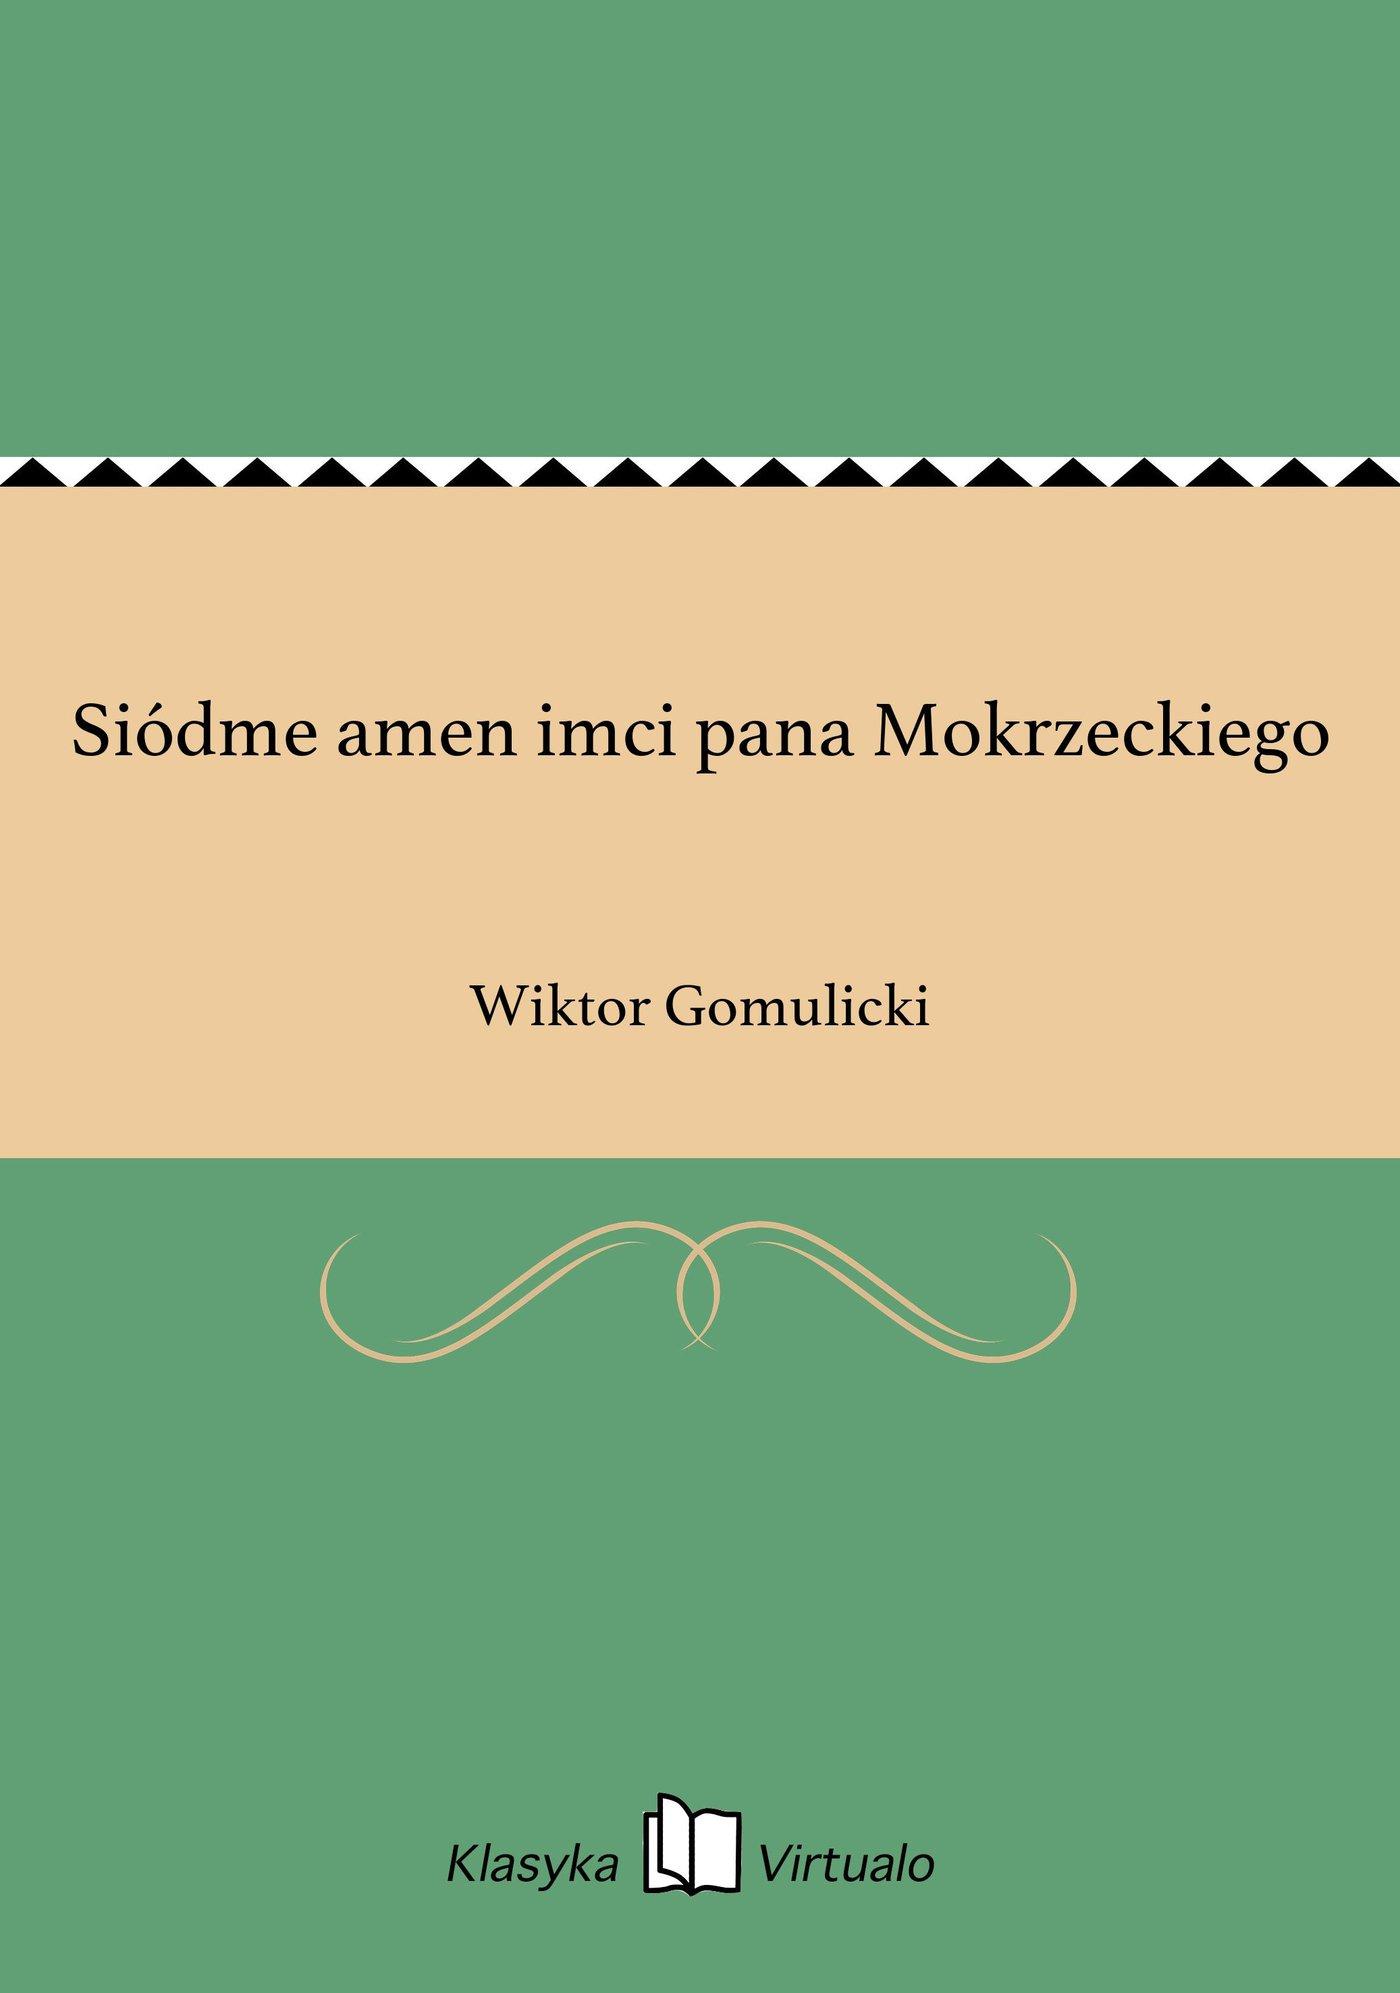 Siódme amen imci pana Mokrzeckiego - Ebook (Książka na Kindle) do pobrania w formacie MOBI